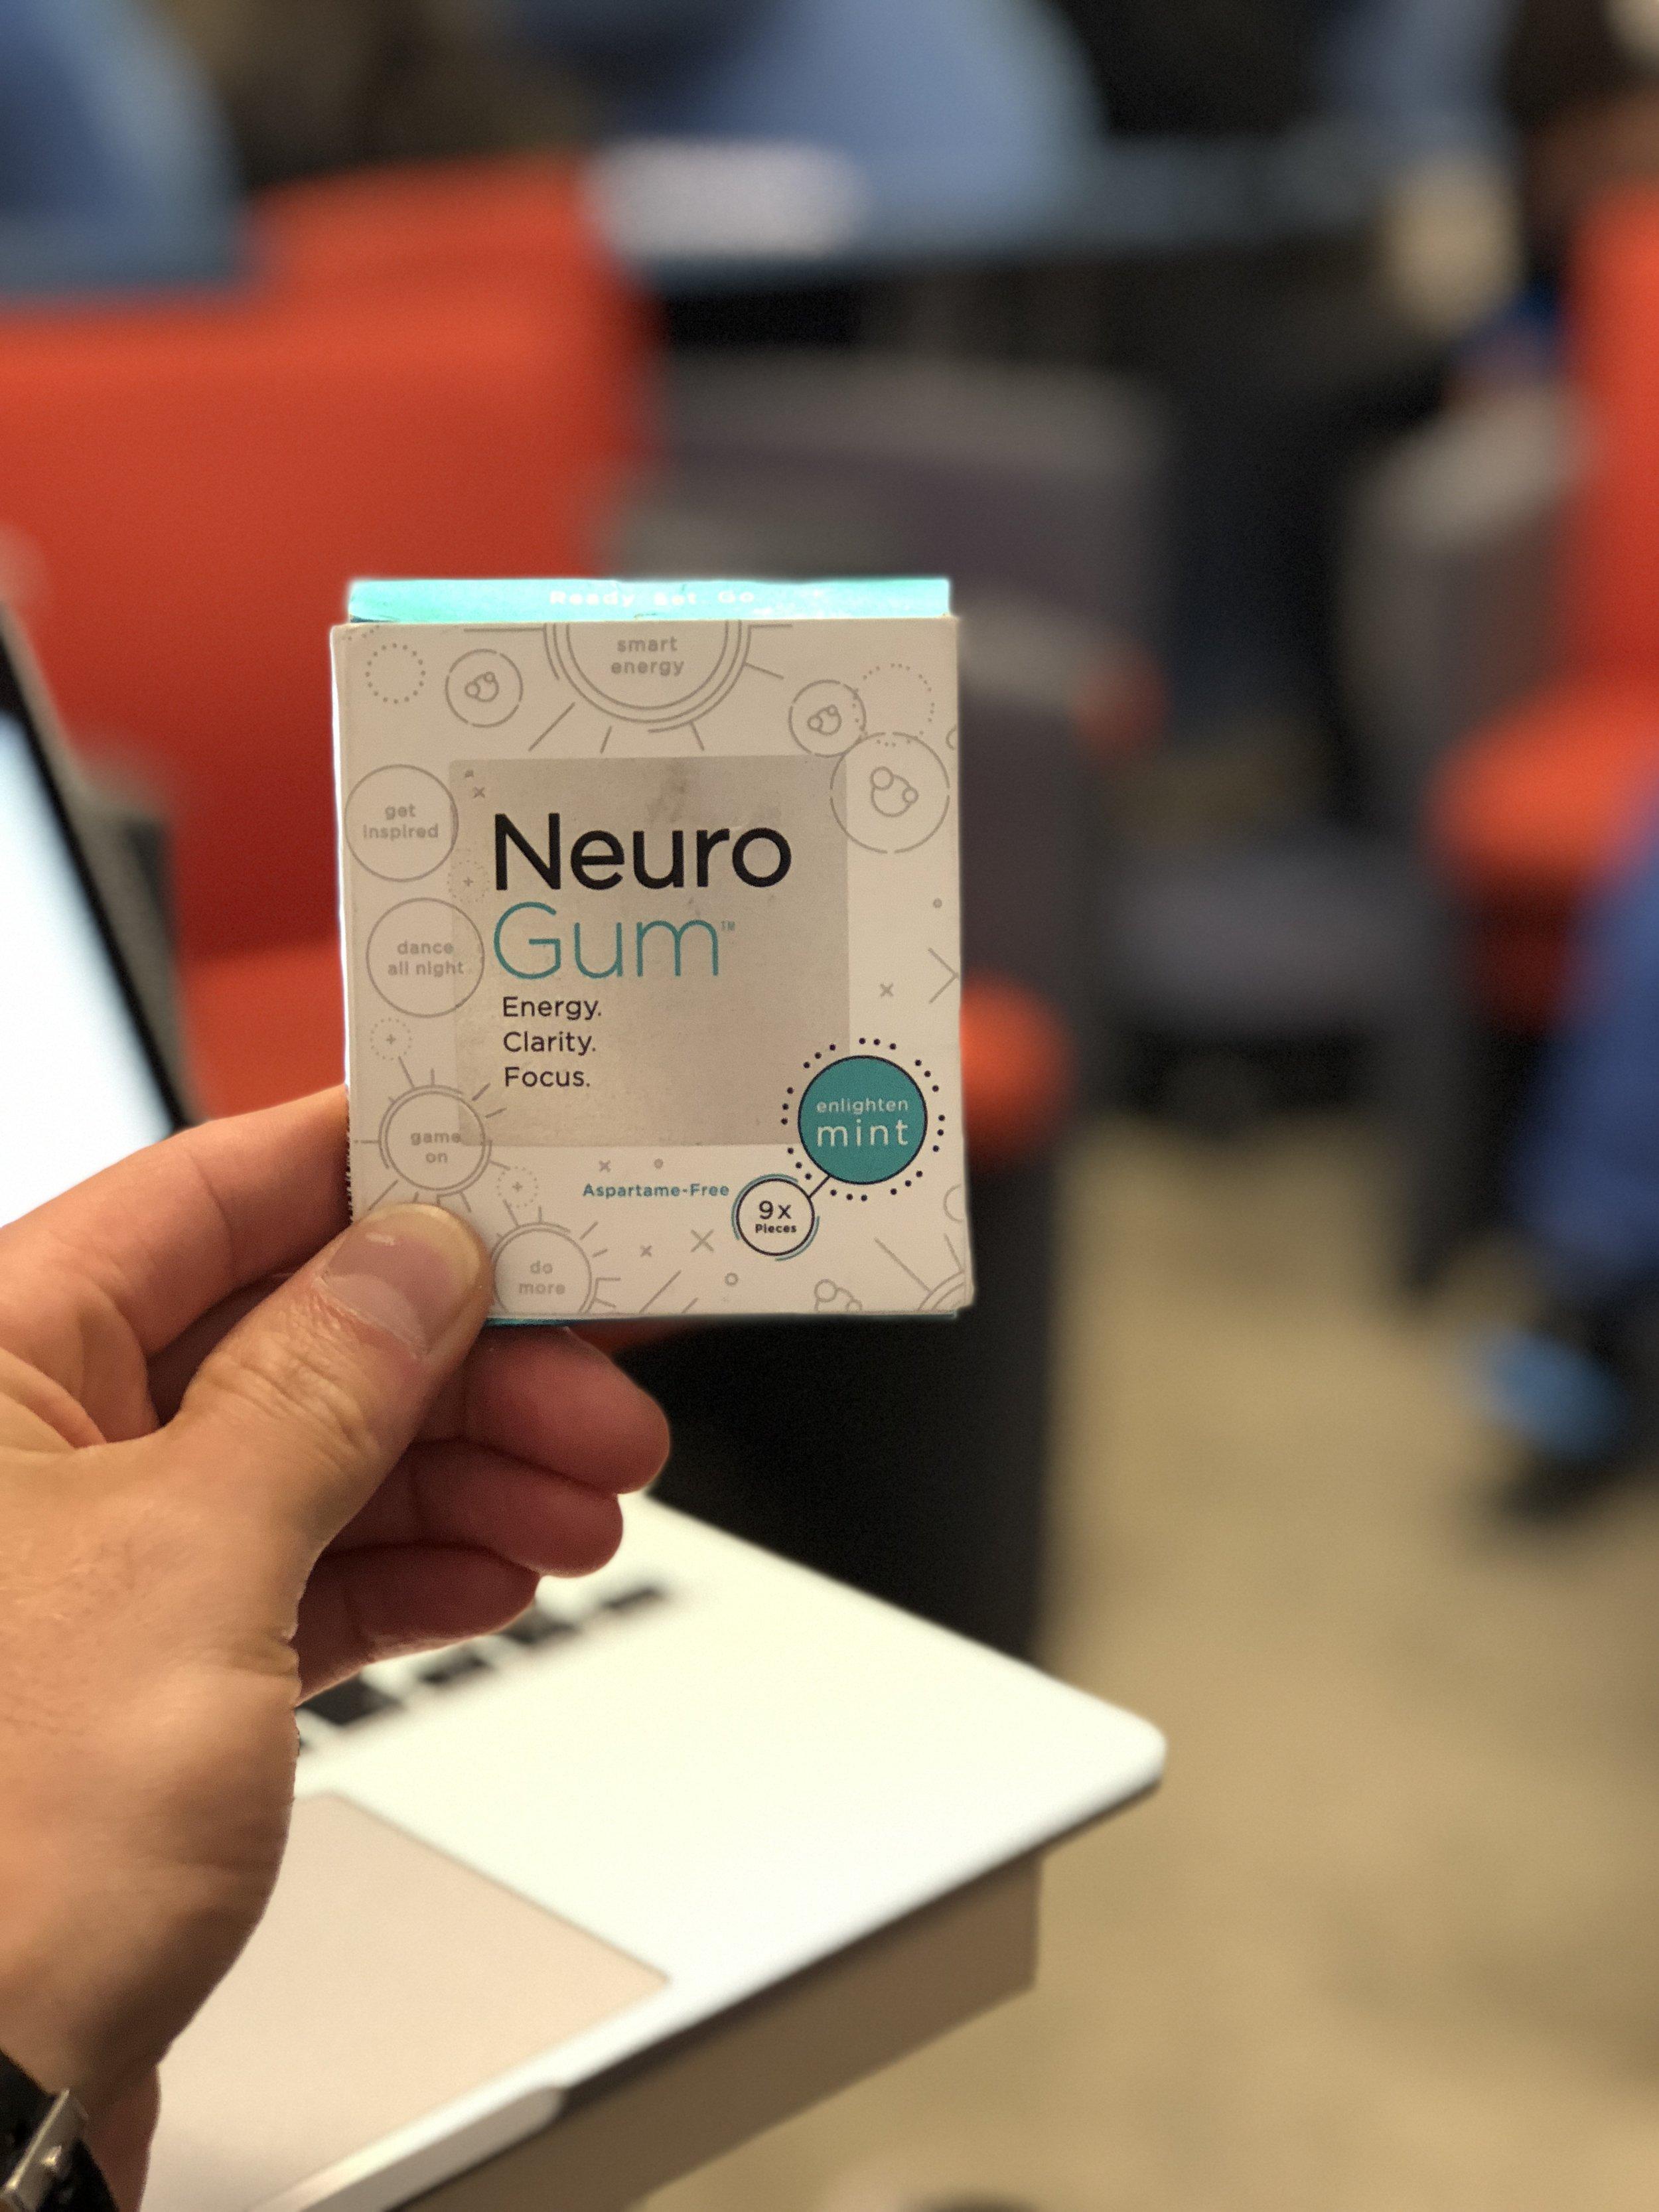 Neurogum - žvejky co slibují chytřejší energii/jasnost/koncentraci. Mám vyzkoušen focus a musím přiznat, že mě bavily a fungovaly. -